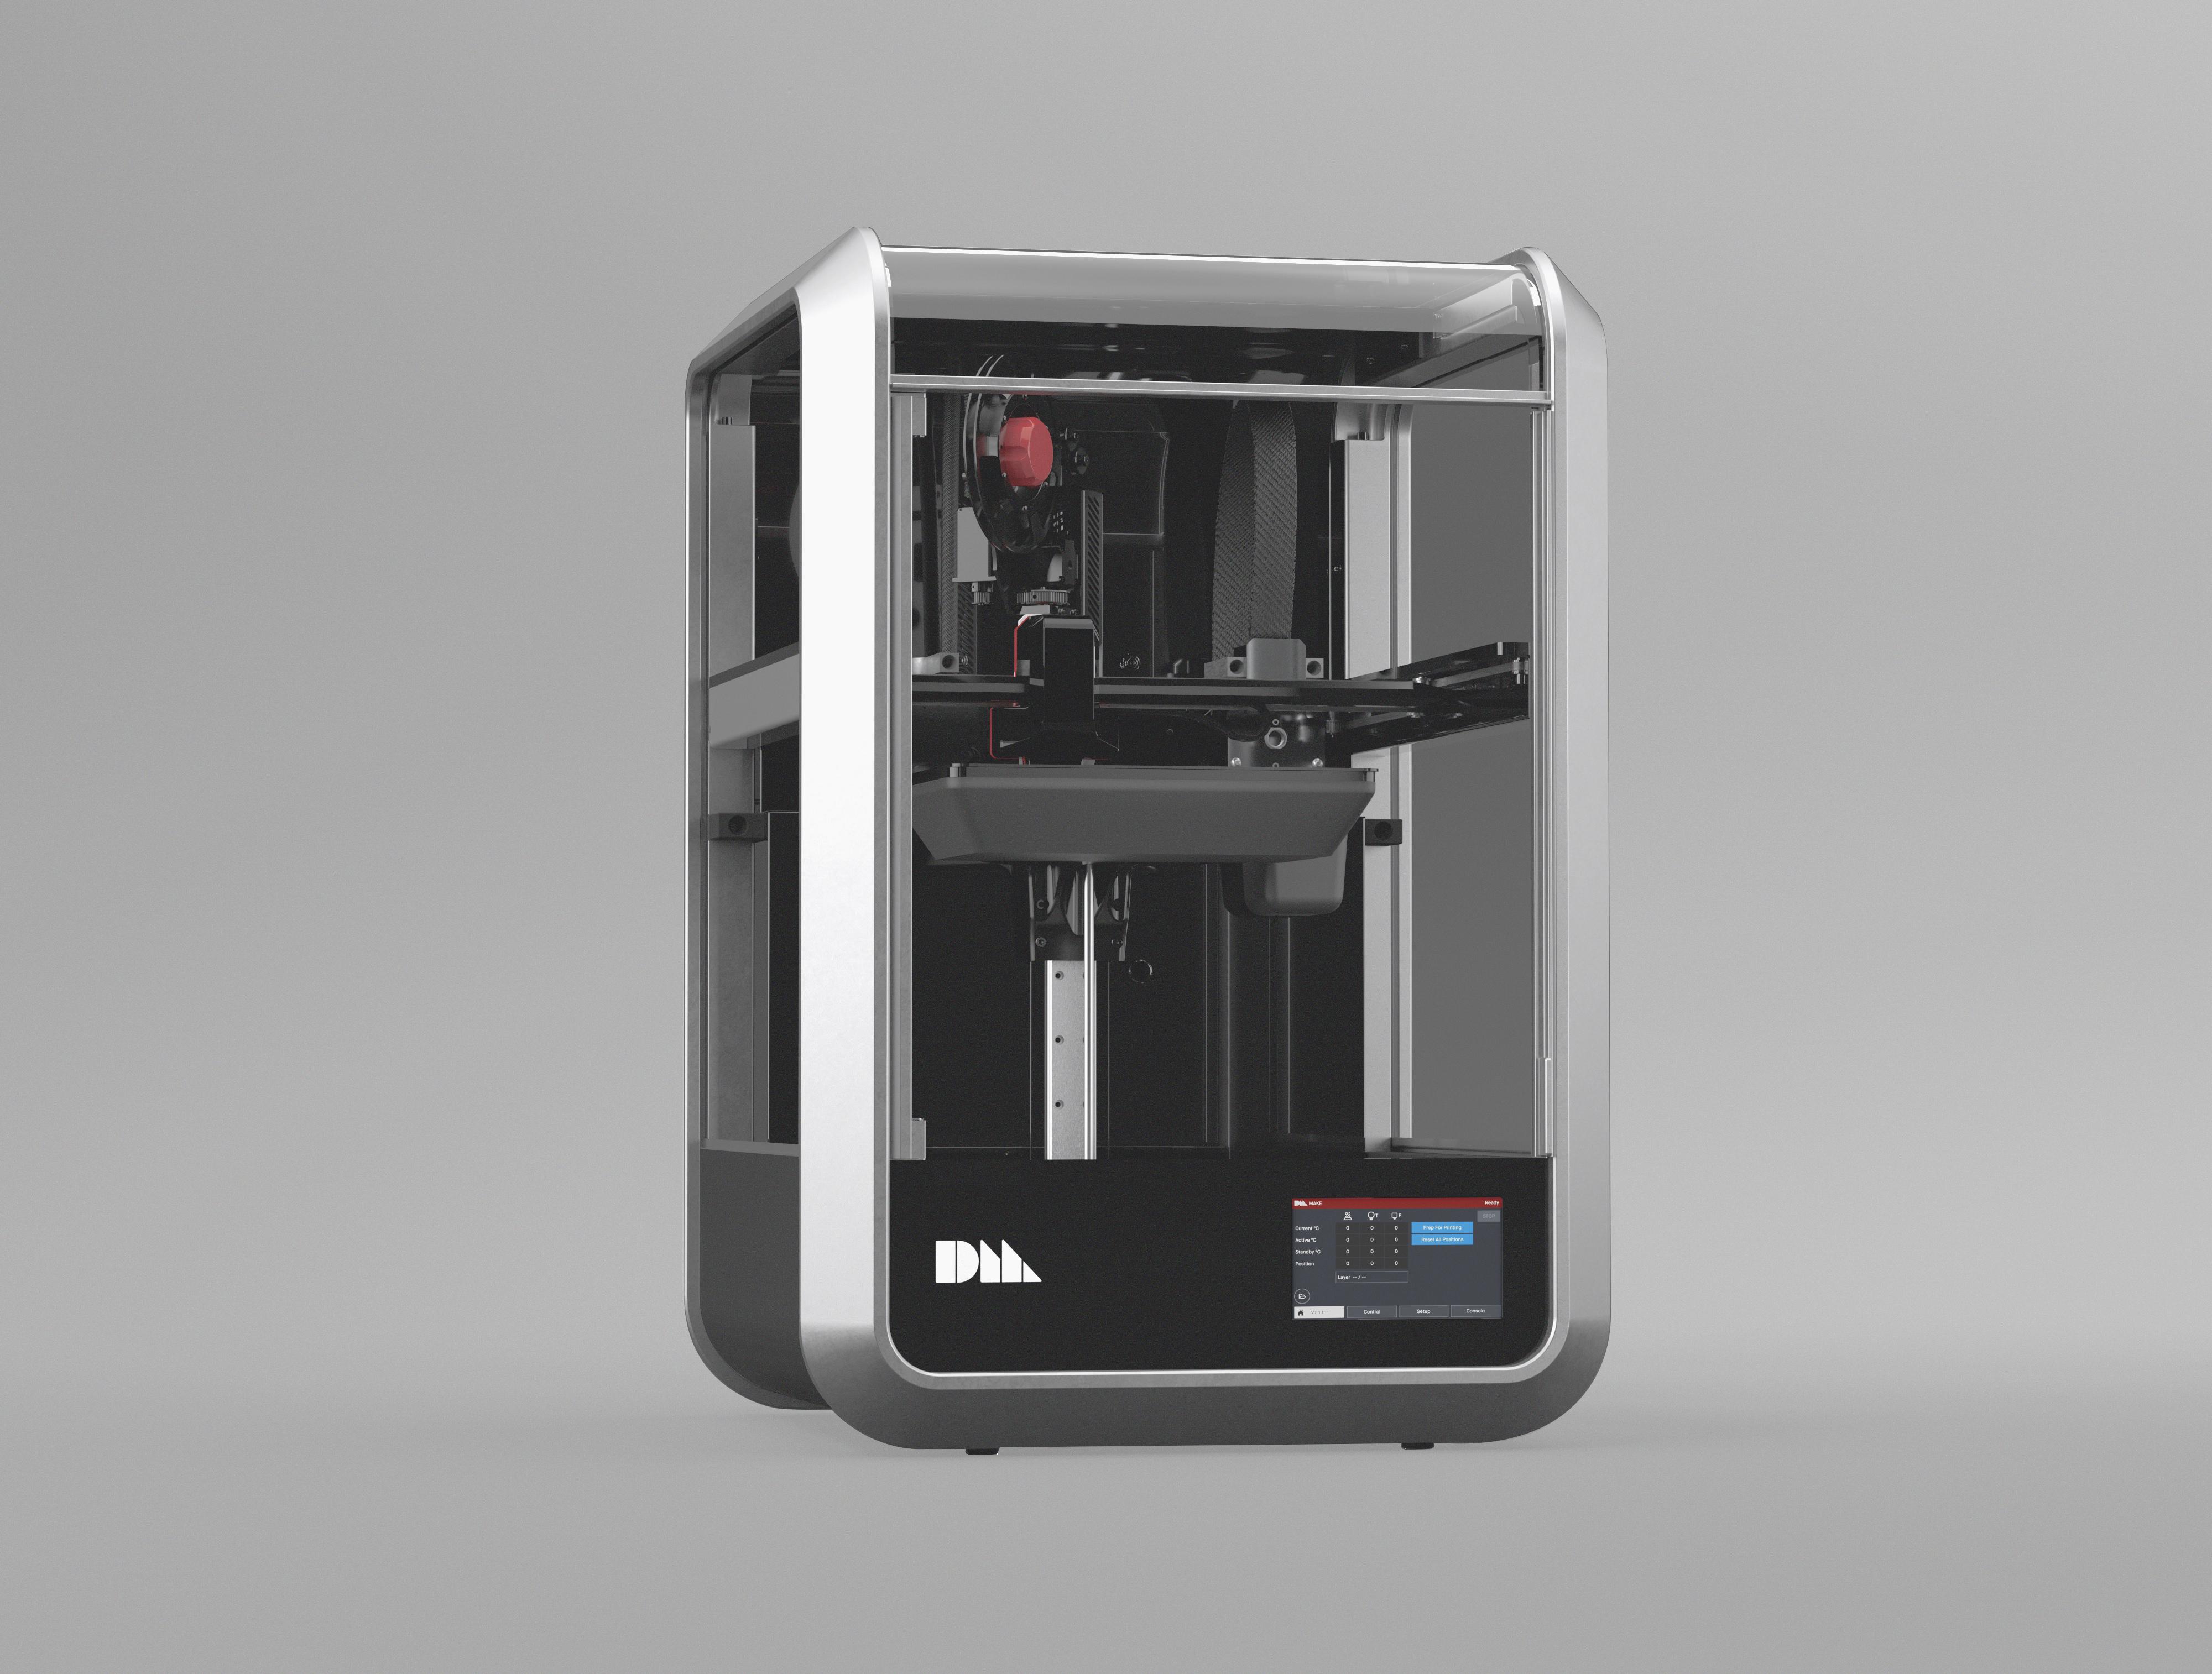 デザインと3Dのプロが伝える3Dプリンタや最新テクノロジー 3DP id.artsDesktop Metalは連続繊維複合材料用の新しいデスクトップ3Dプリンタ「Fiber」を発表